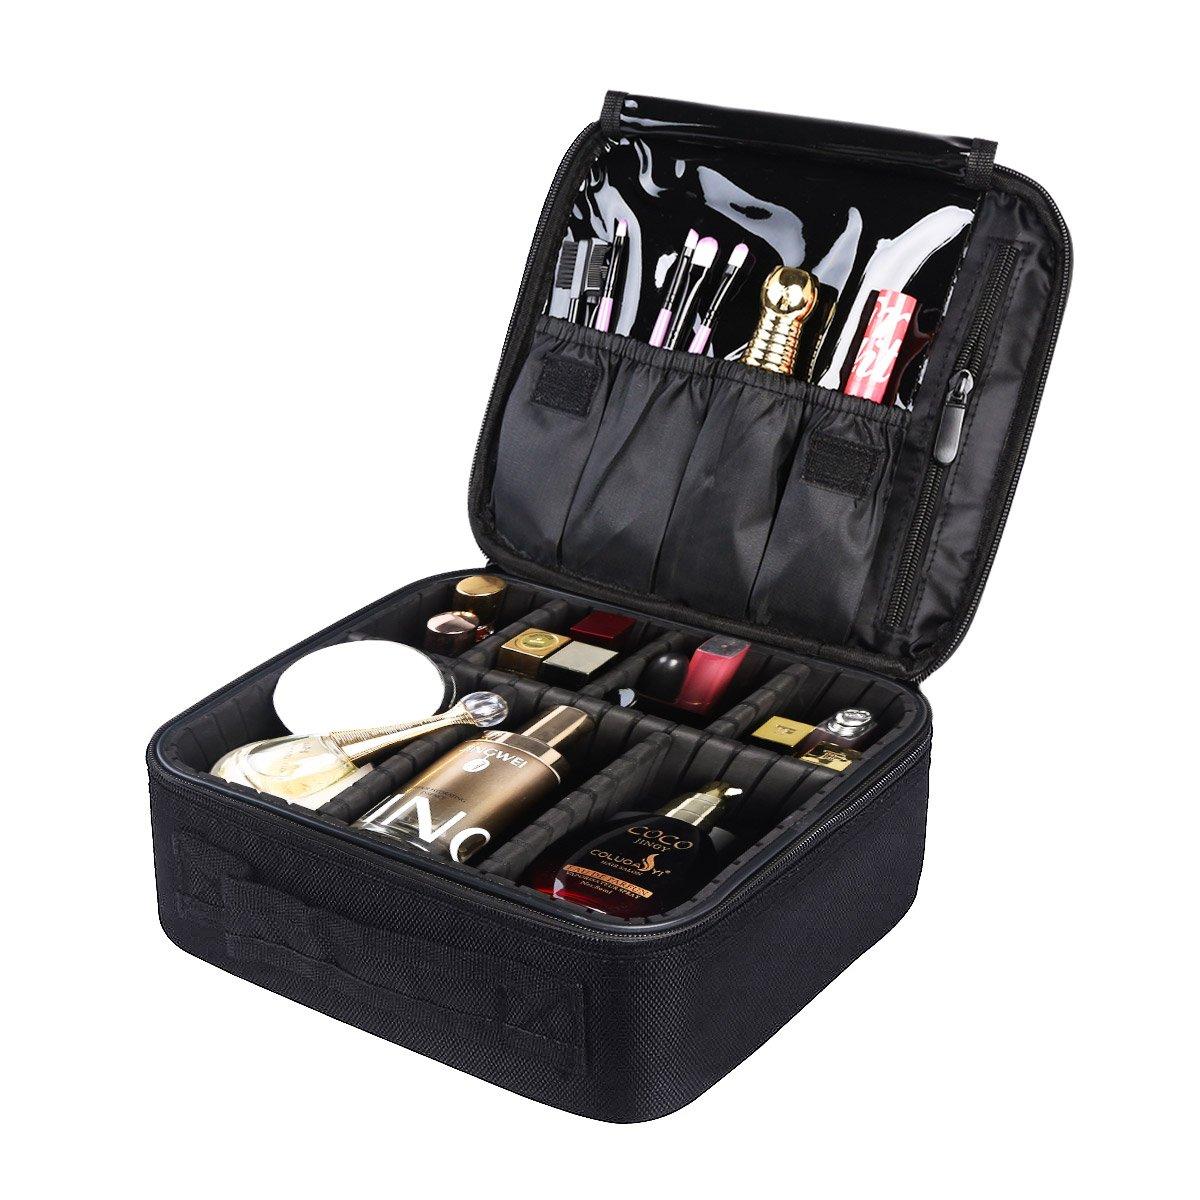 Custodia per il trucco portatile PDR Custodia portatile per il trucco Custodia cosmetica per il trucco Custodia per il trucco Accessori da viaggio Accessori digitali (nero).